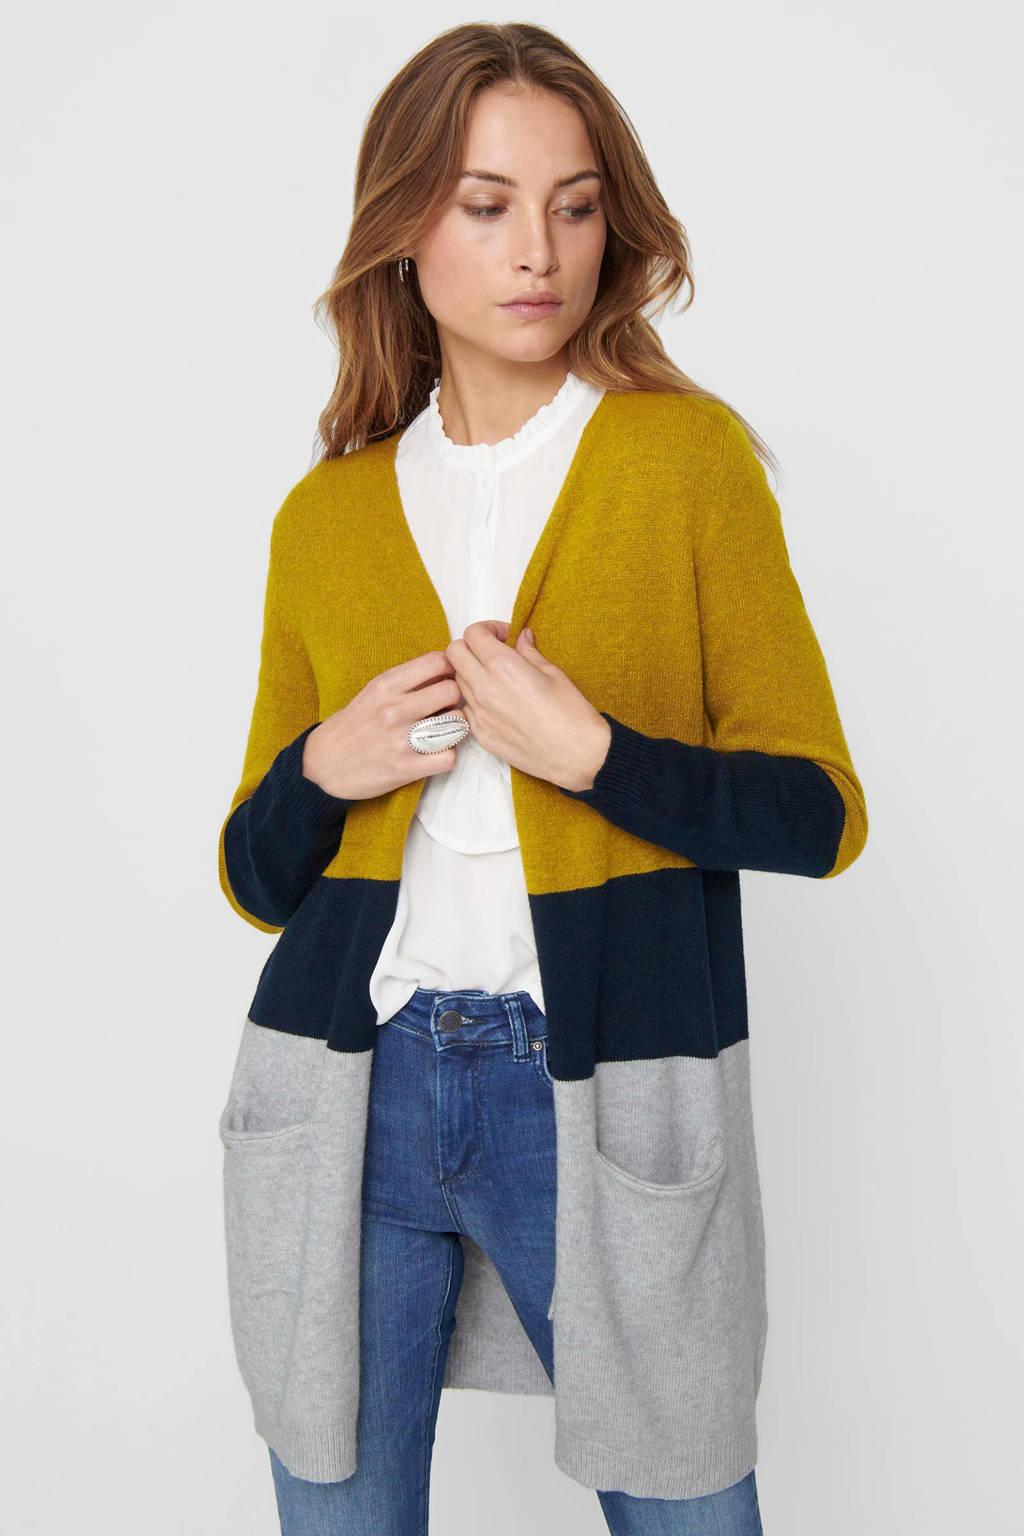 ONLY gestreept vest grijs/donkerblauw/geel, Grijs/donkerblauw/geel